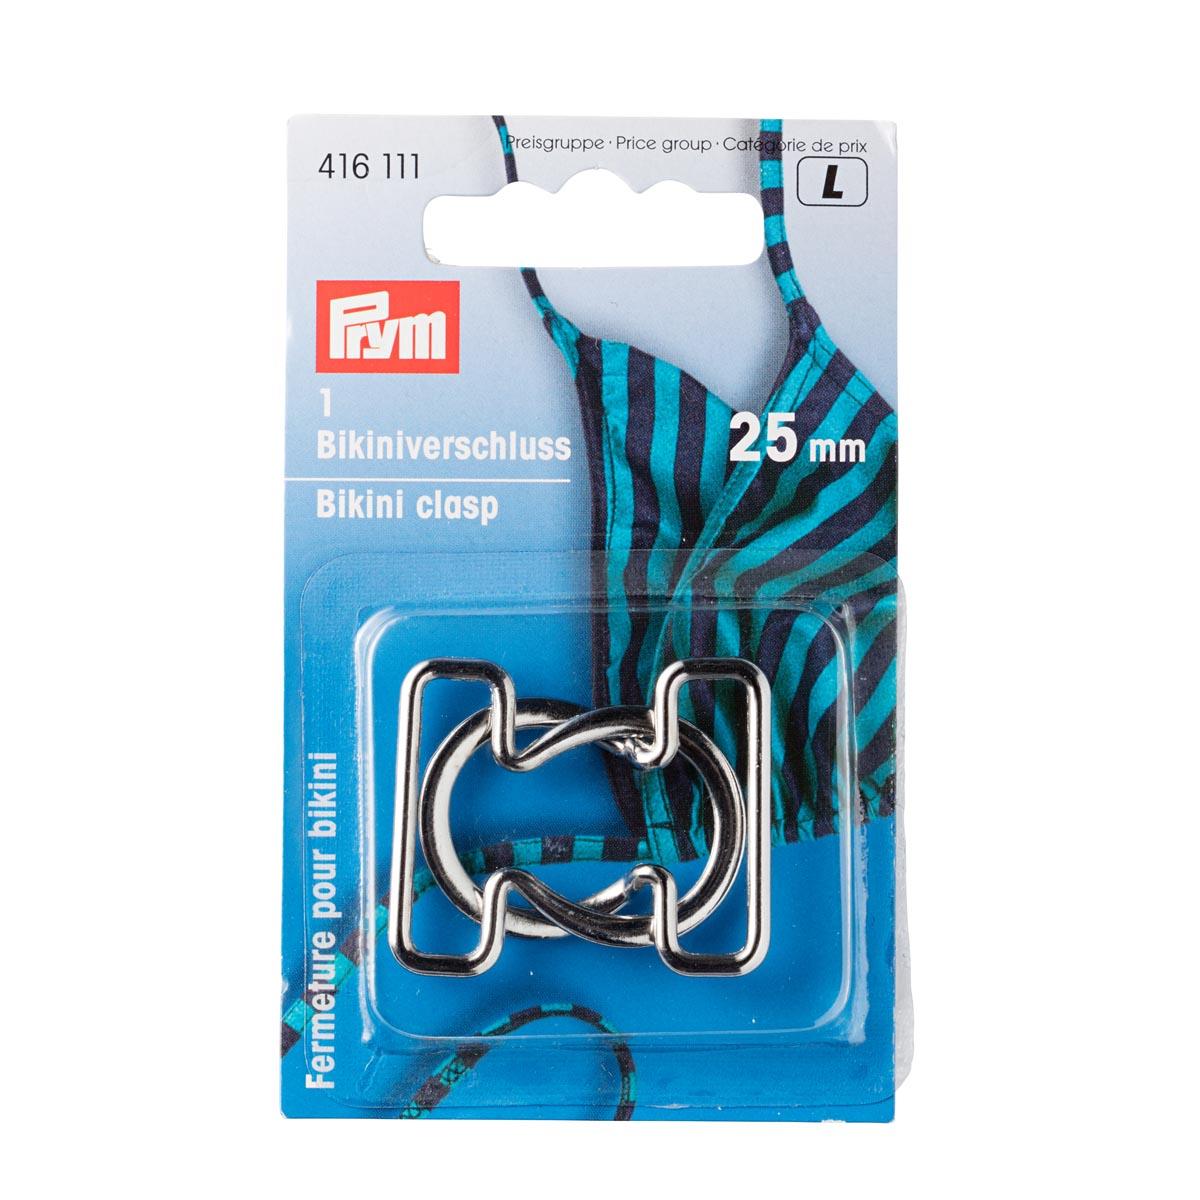 416111 Застежка для бикини и ремней, серебристый, 25 мм, Prym